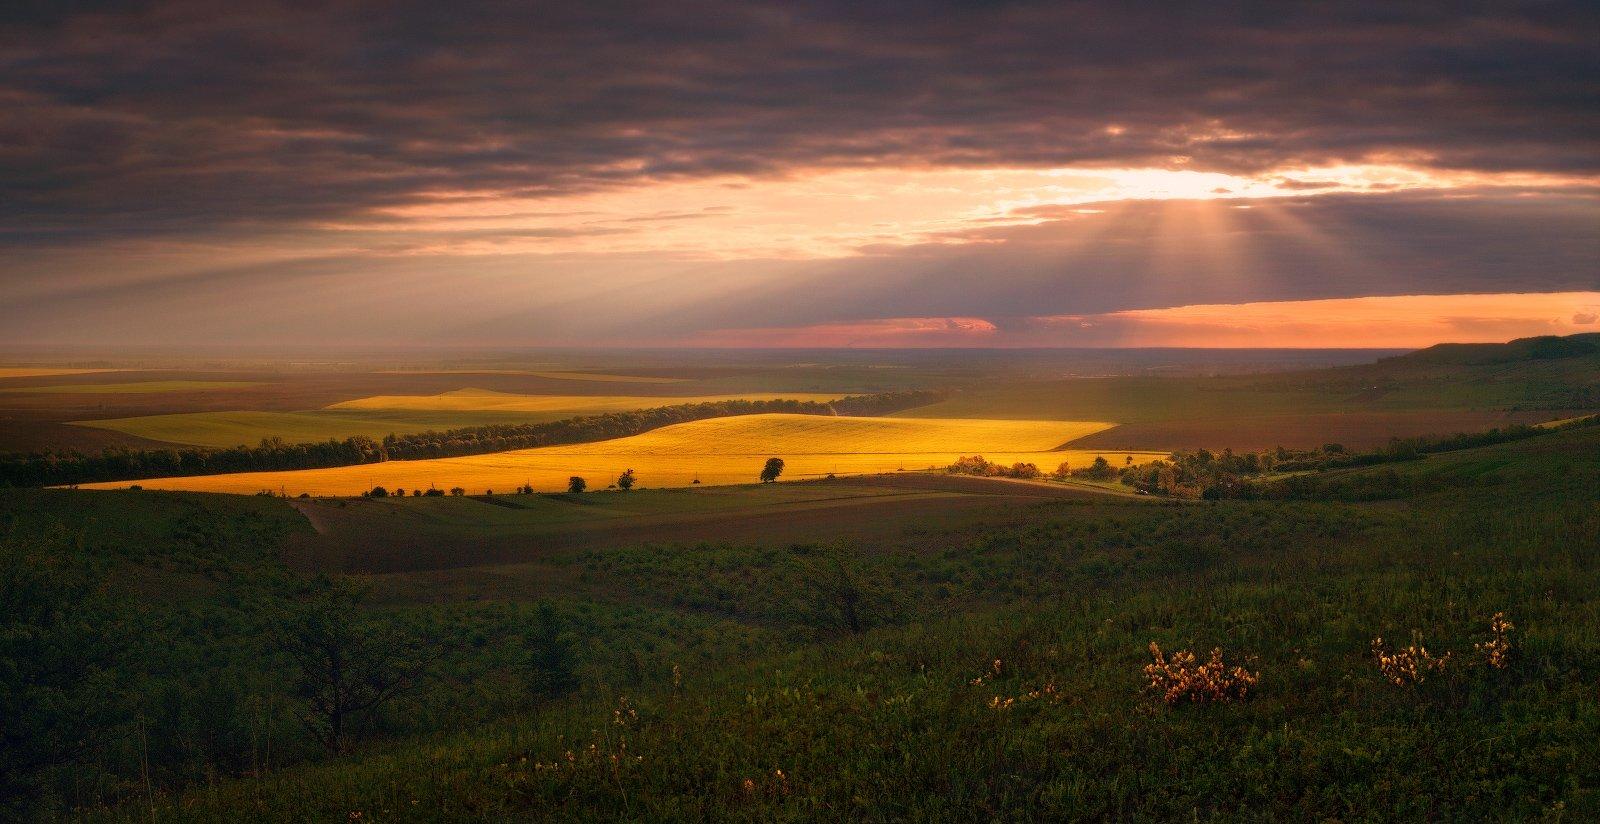 весна, вечер, май, поле, рапс, свет, Владимир